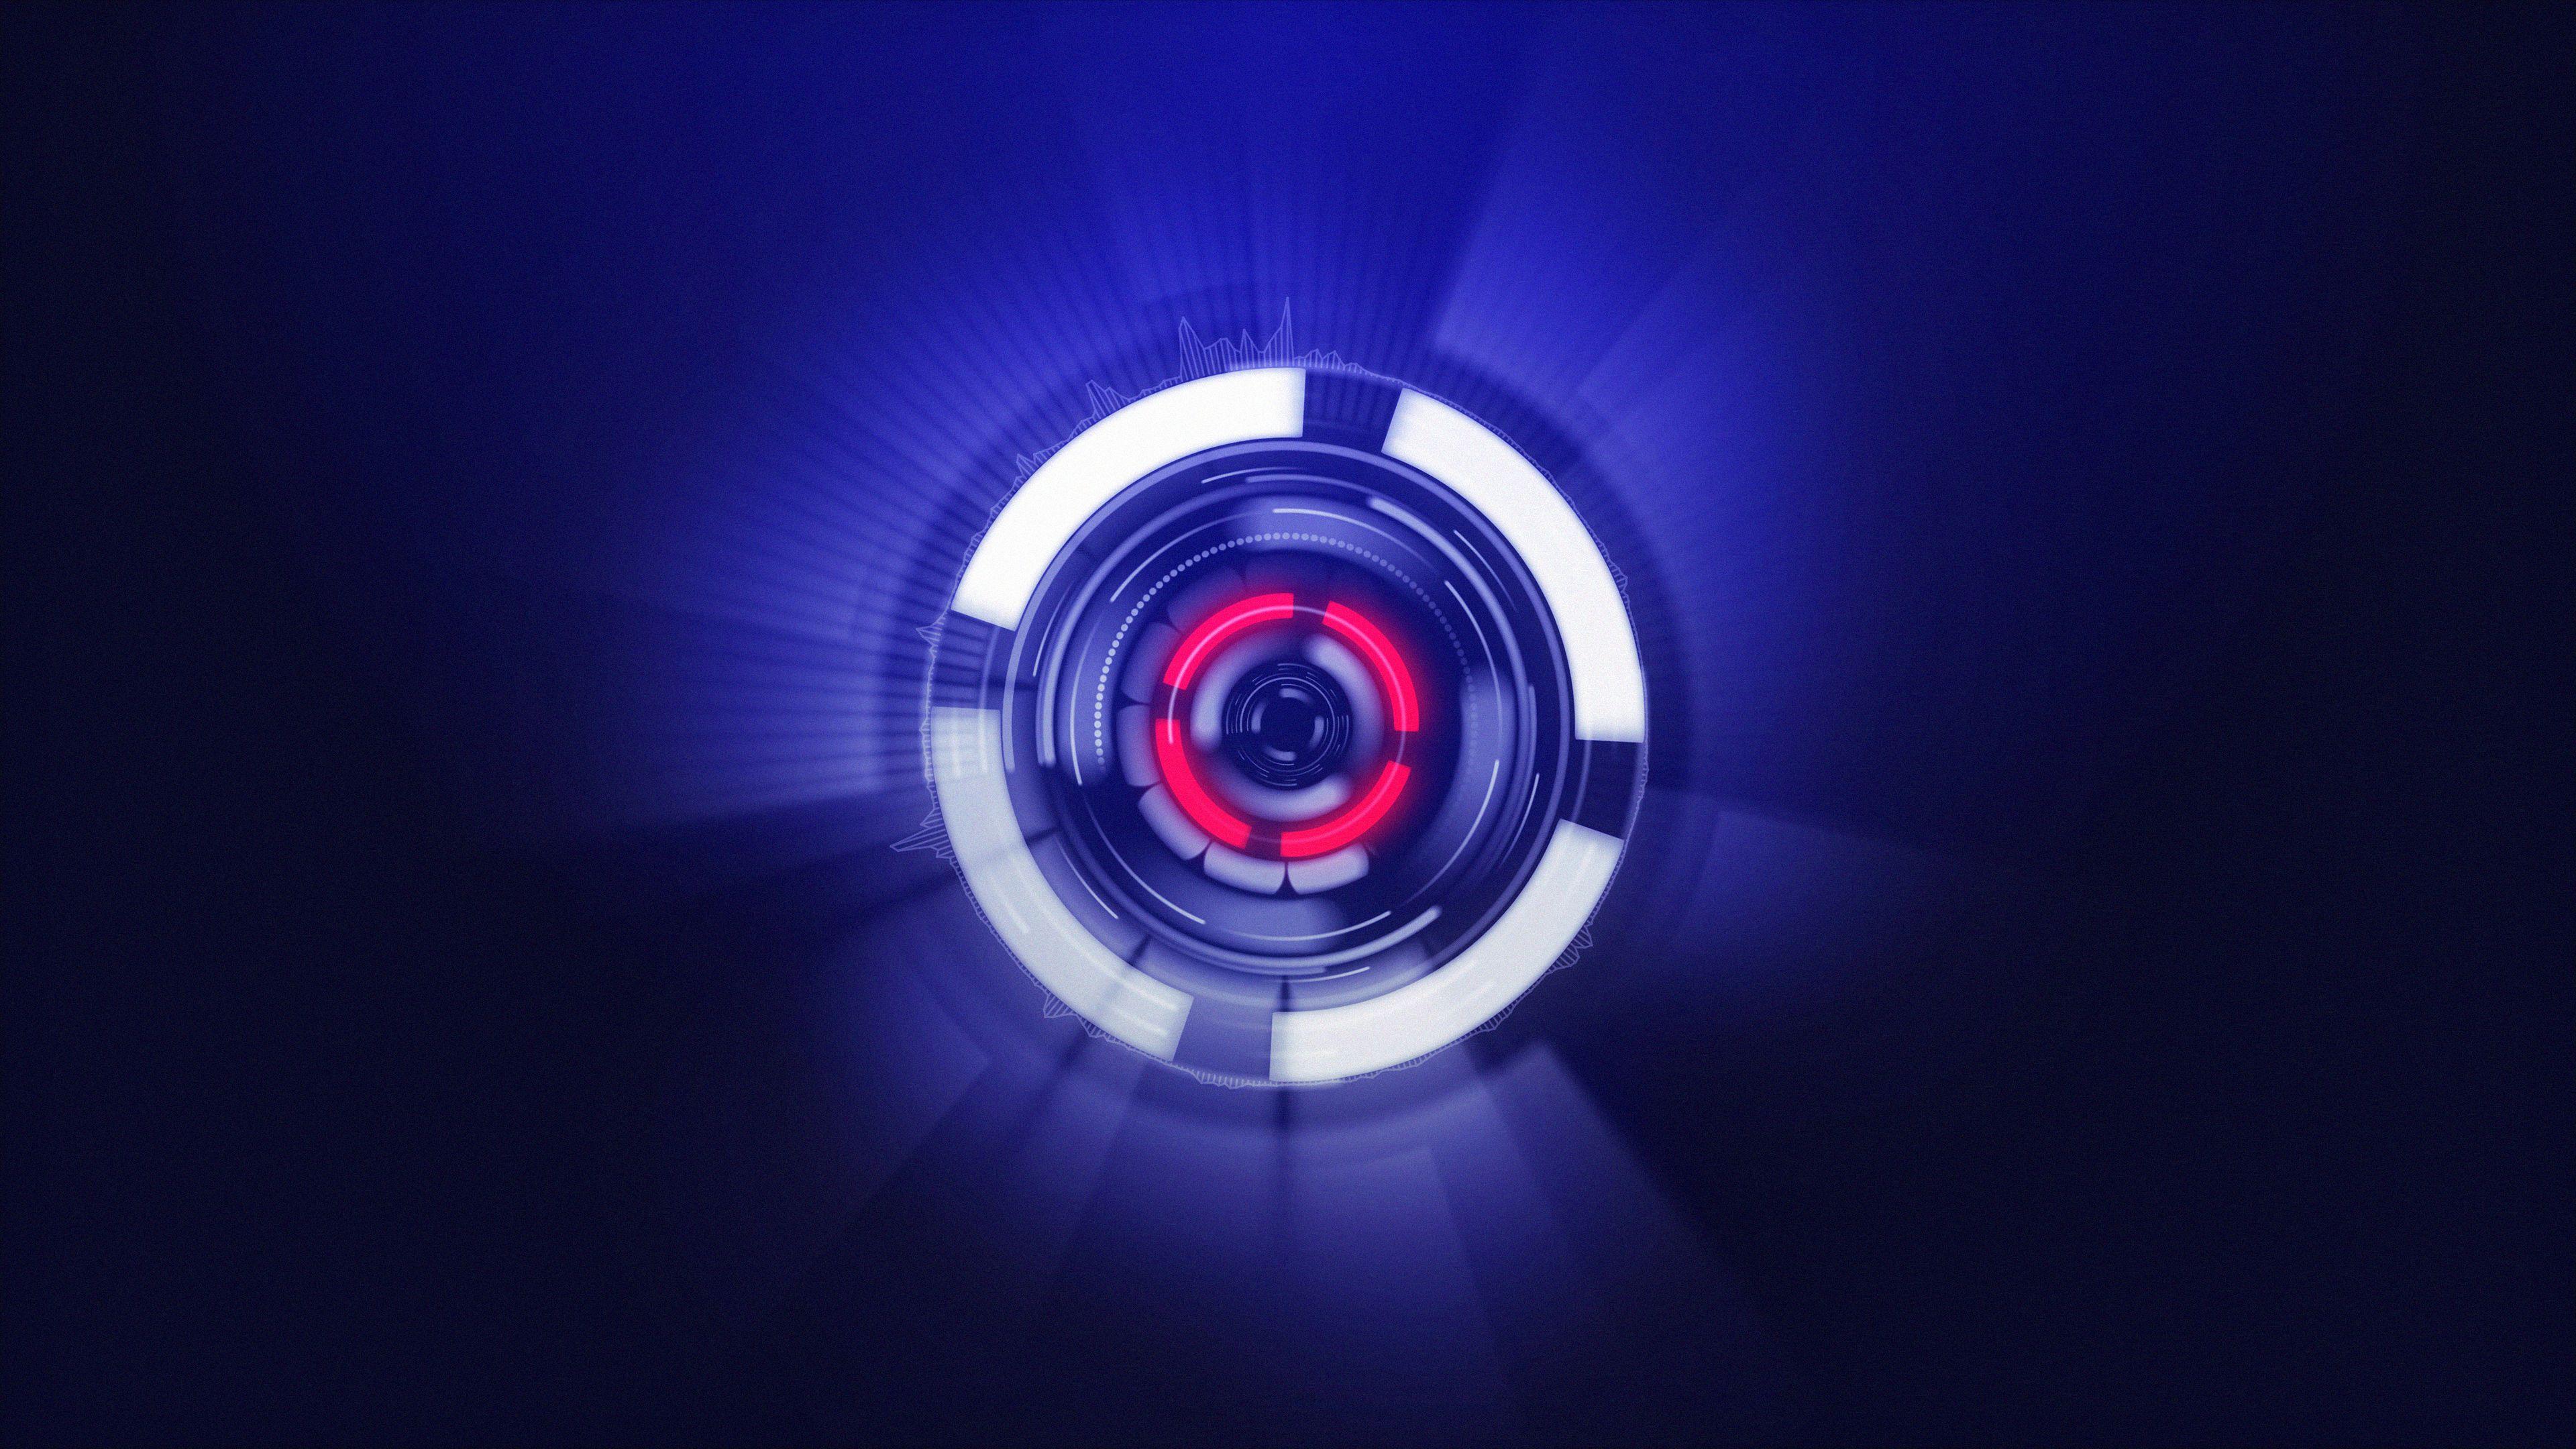 Neon Sphere Red Blue Purple Sphere Wallpapers Neon Wallpapers Hd Wallpapers Digital Art Wallpapers A Blue Neon Wallpaper Neon Wallpaper Abstract Wallpapers